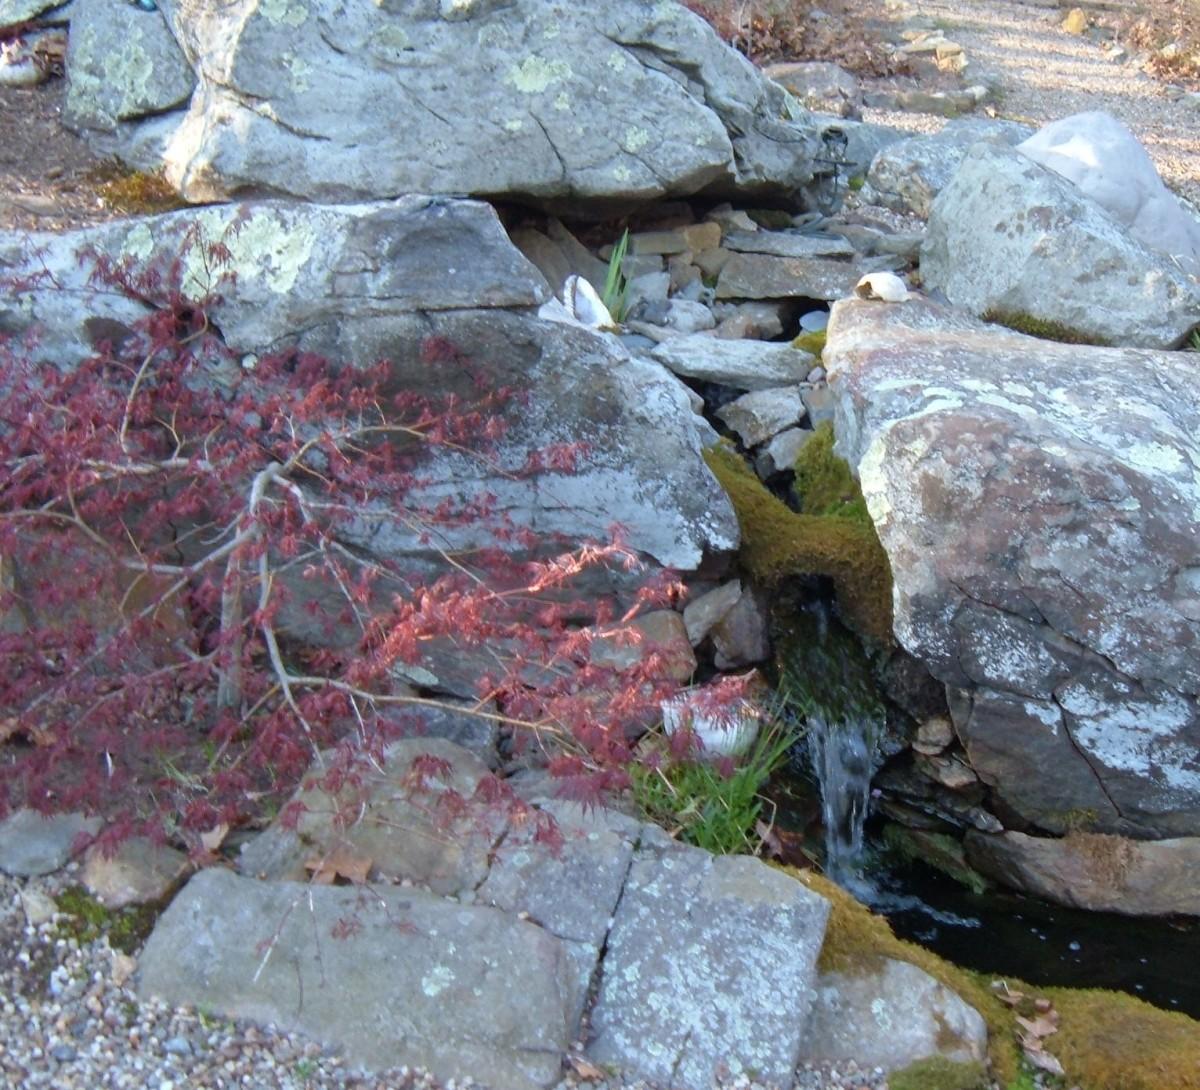 Winder Landscape Ideas: Garden Pond in Summer